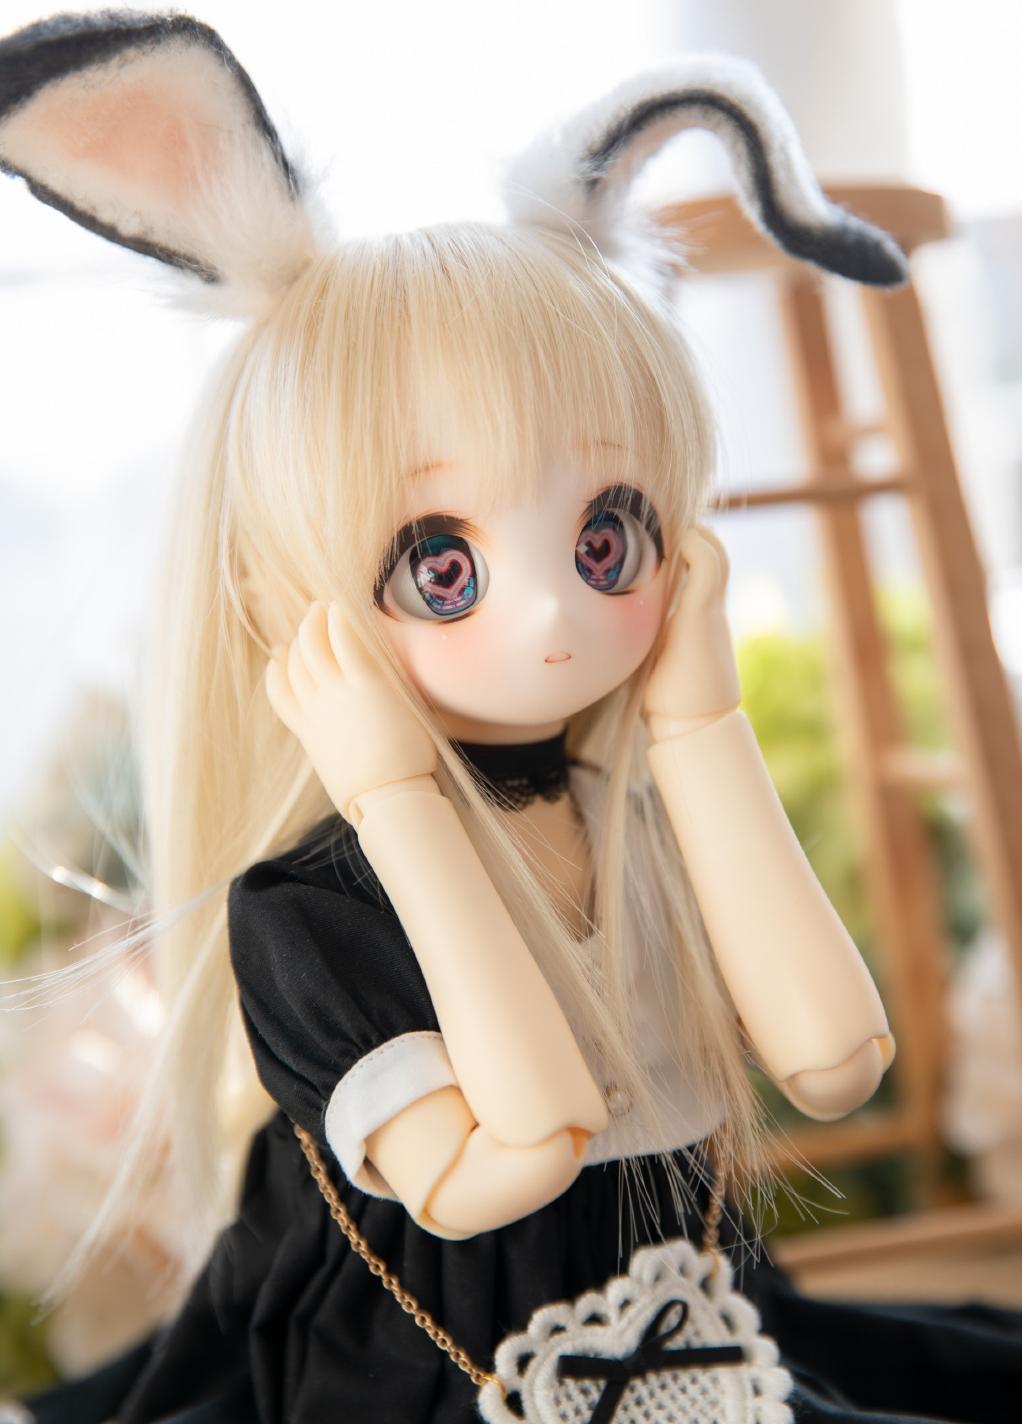 Anime-face-Tuqiu_3.jpg